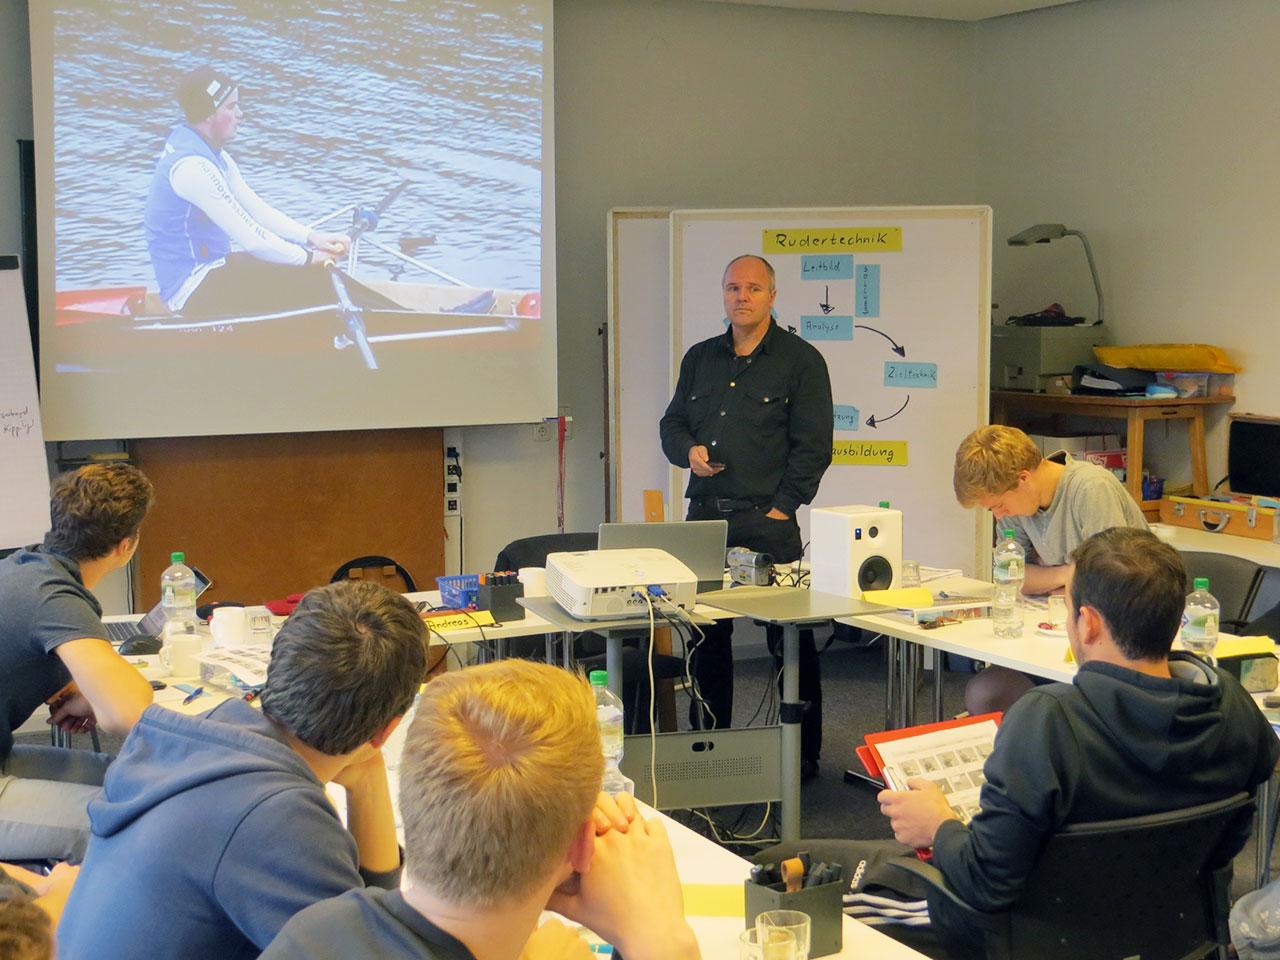 Rudertechnik sehen, analysieren und bewerten bei der Trainer C-Ausbildung des Deutschen Ruderverbands in der Ruderakademie Ratzeburg mit Reinhart Grahn.